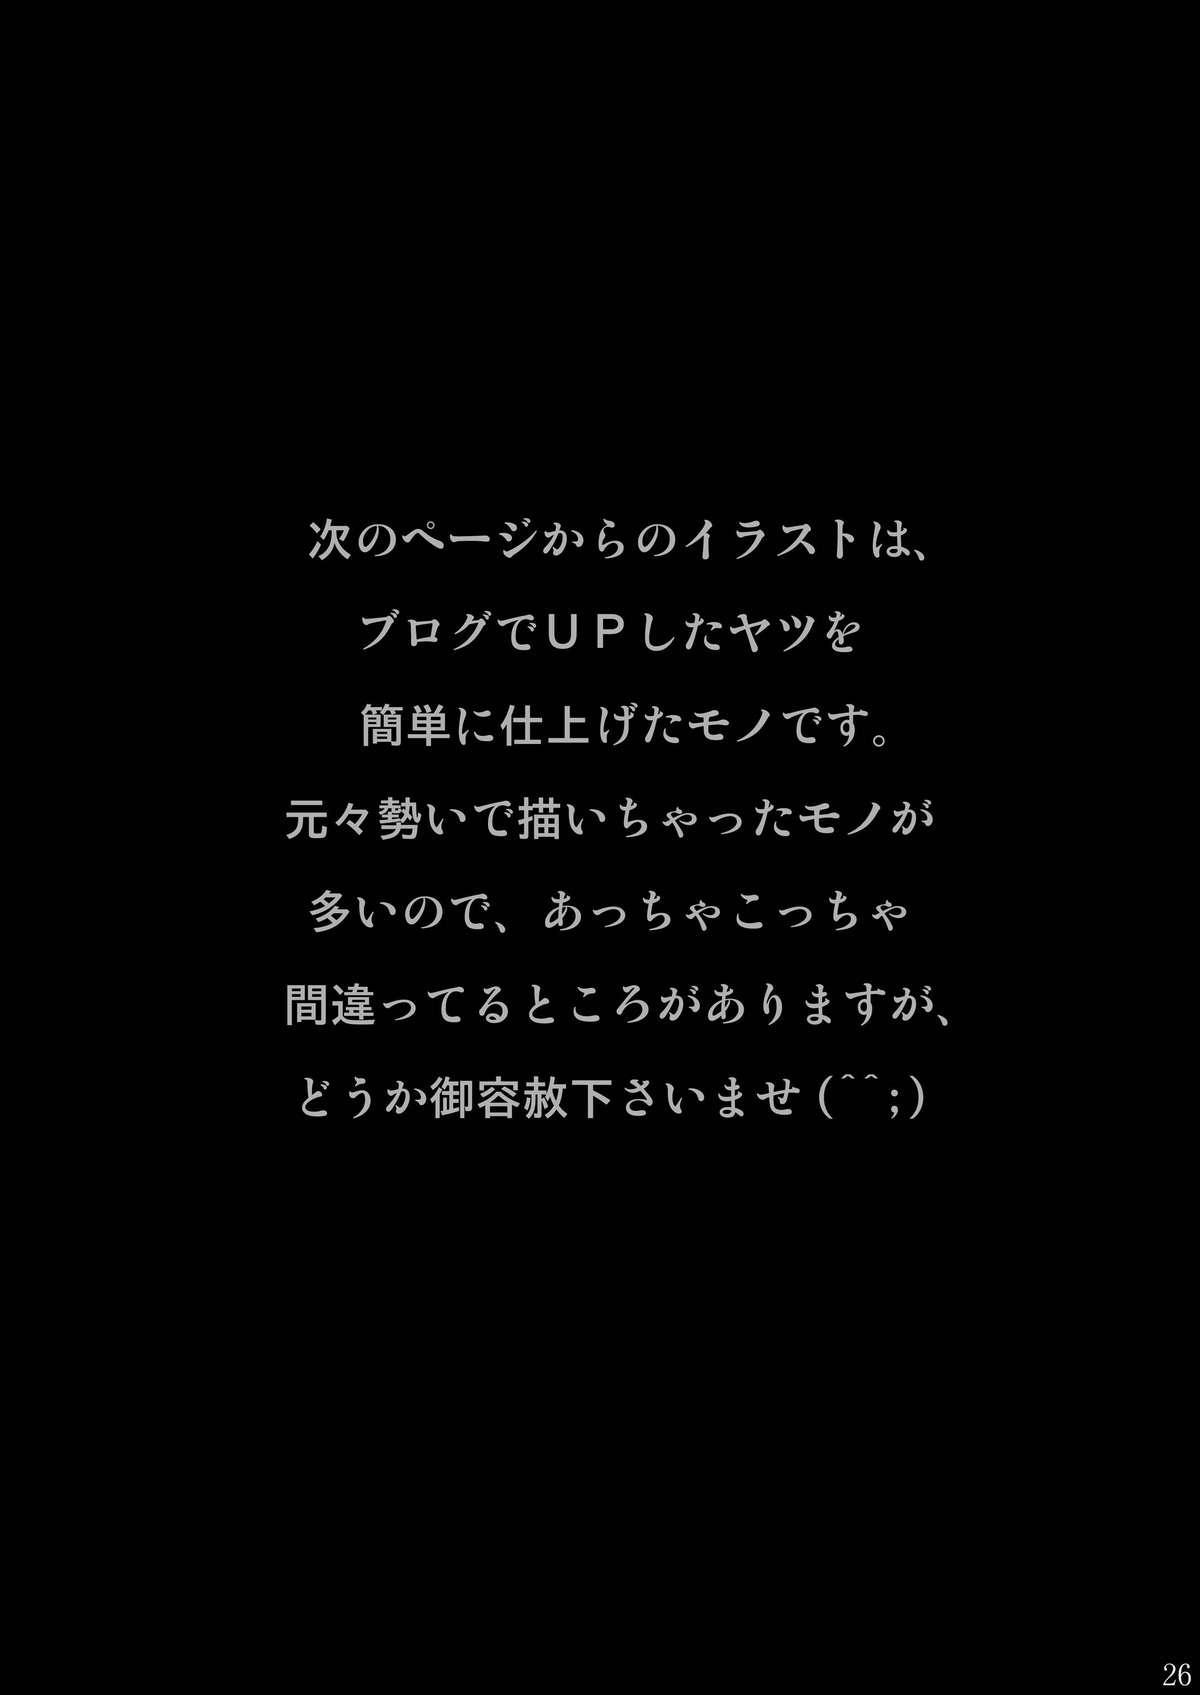 Seishin Houkai suru made Kusuguri Makutte Ryoujoku shite miru Test 25